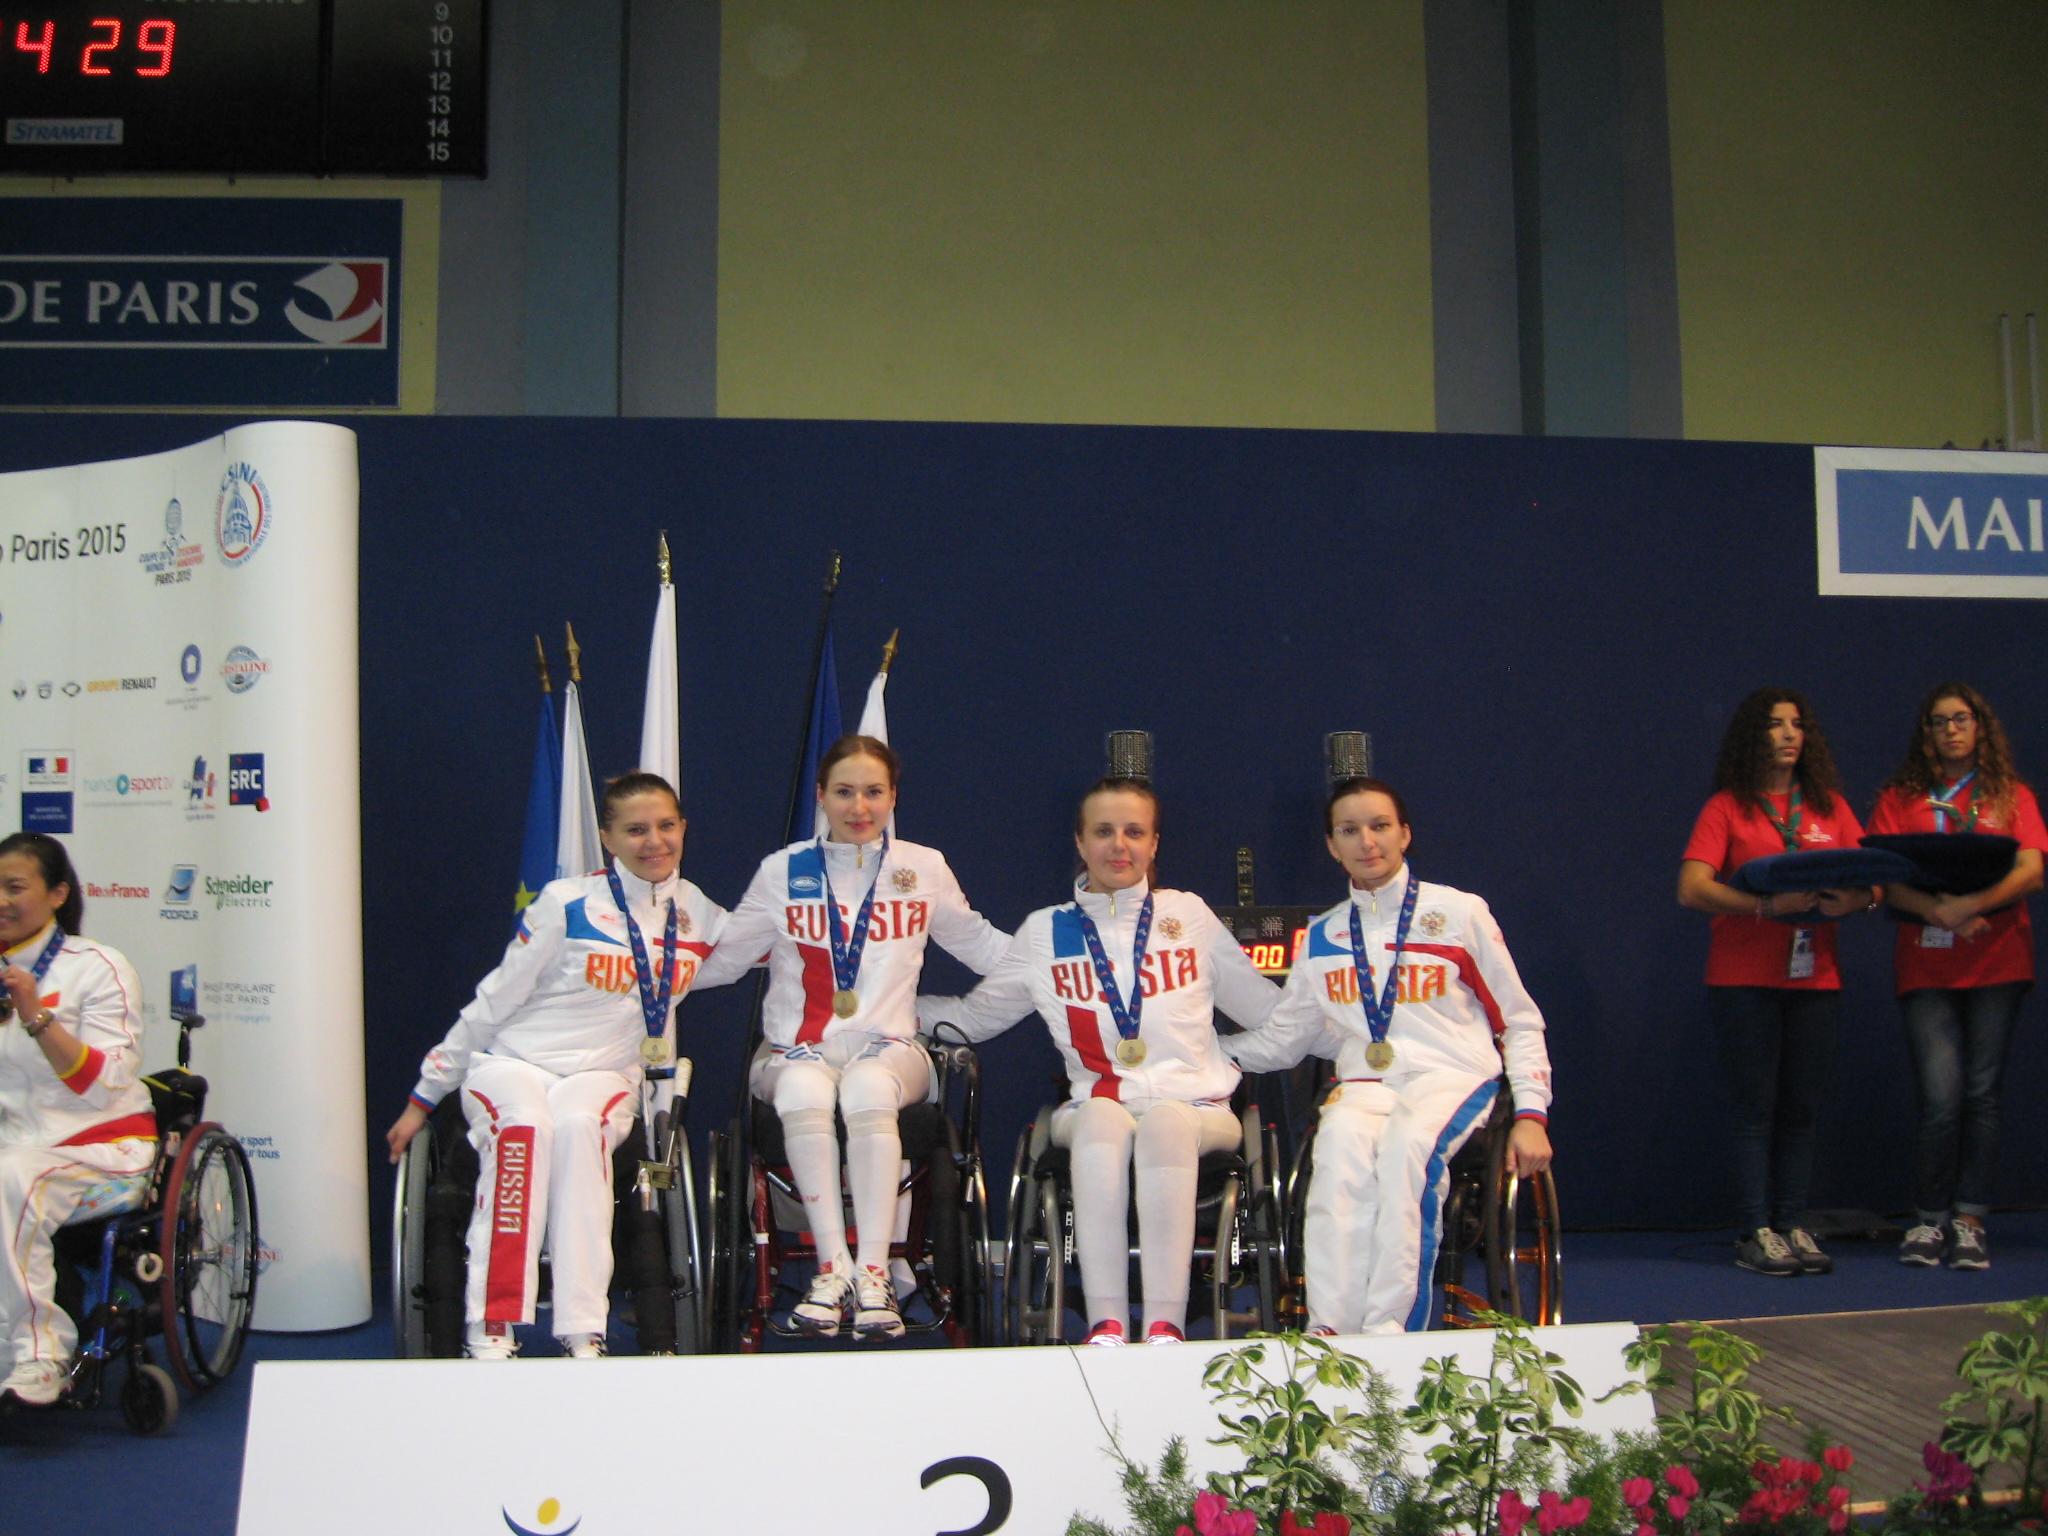 Российские фехтовальщики завоевали 1 серебряную медаль и 7 бронзовых наград на Кубке мира во Франции